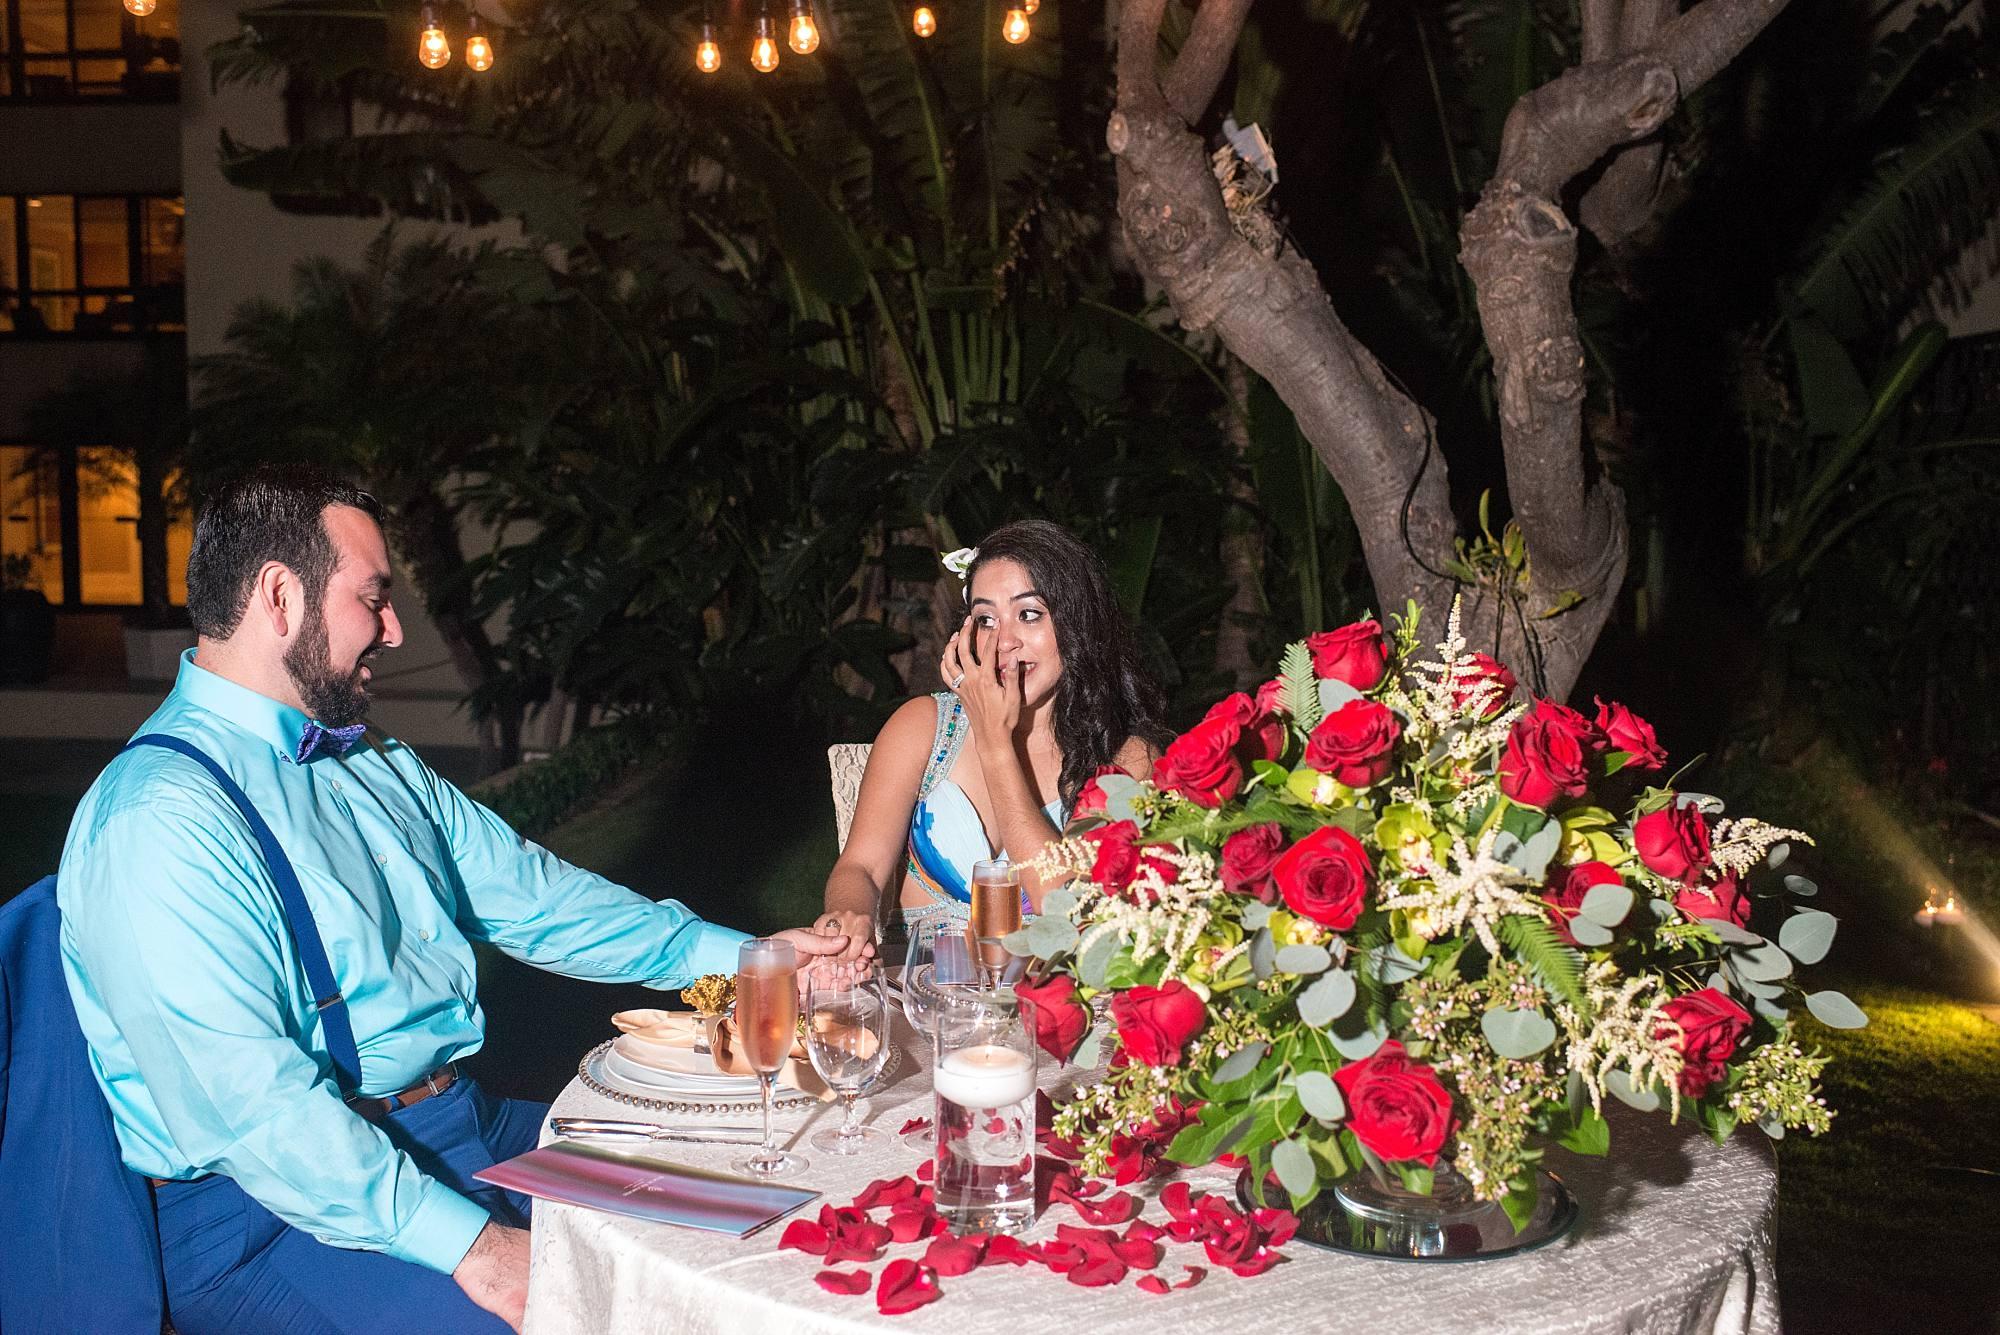 Intimate dinner between fiances, huge flower arrangment